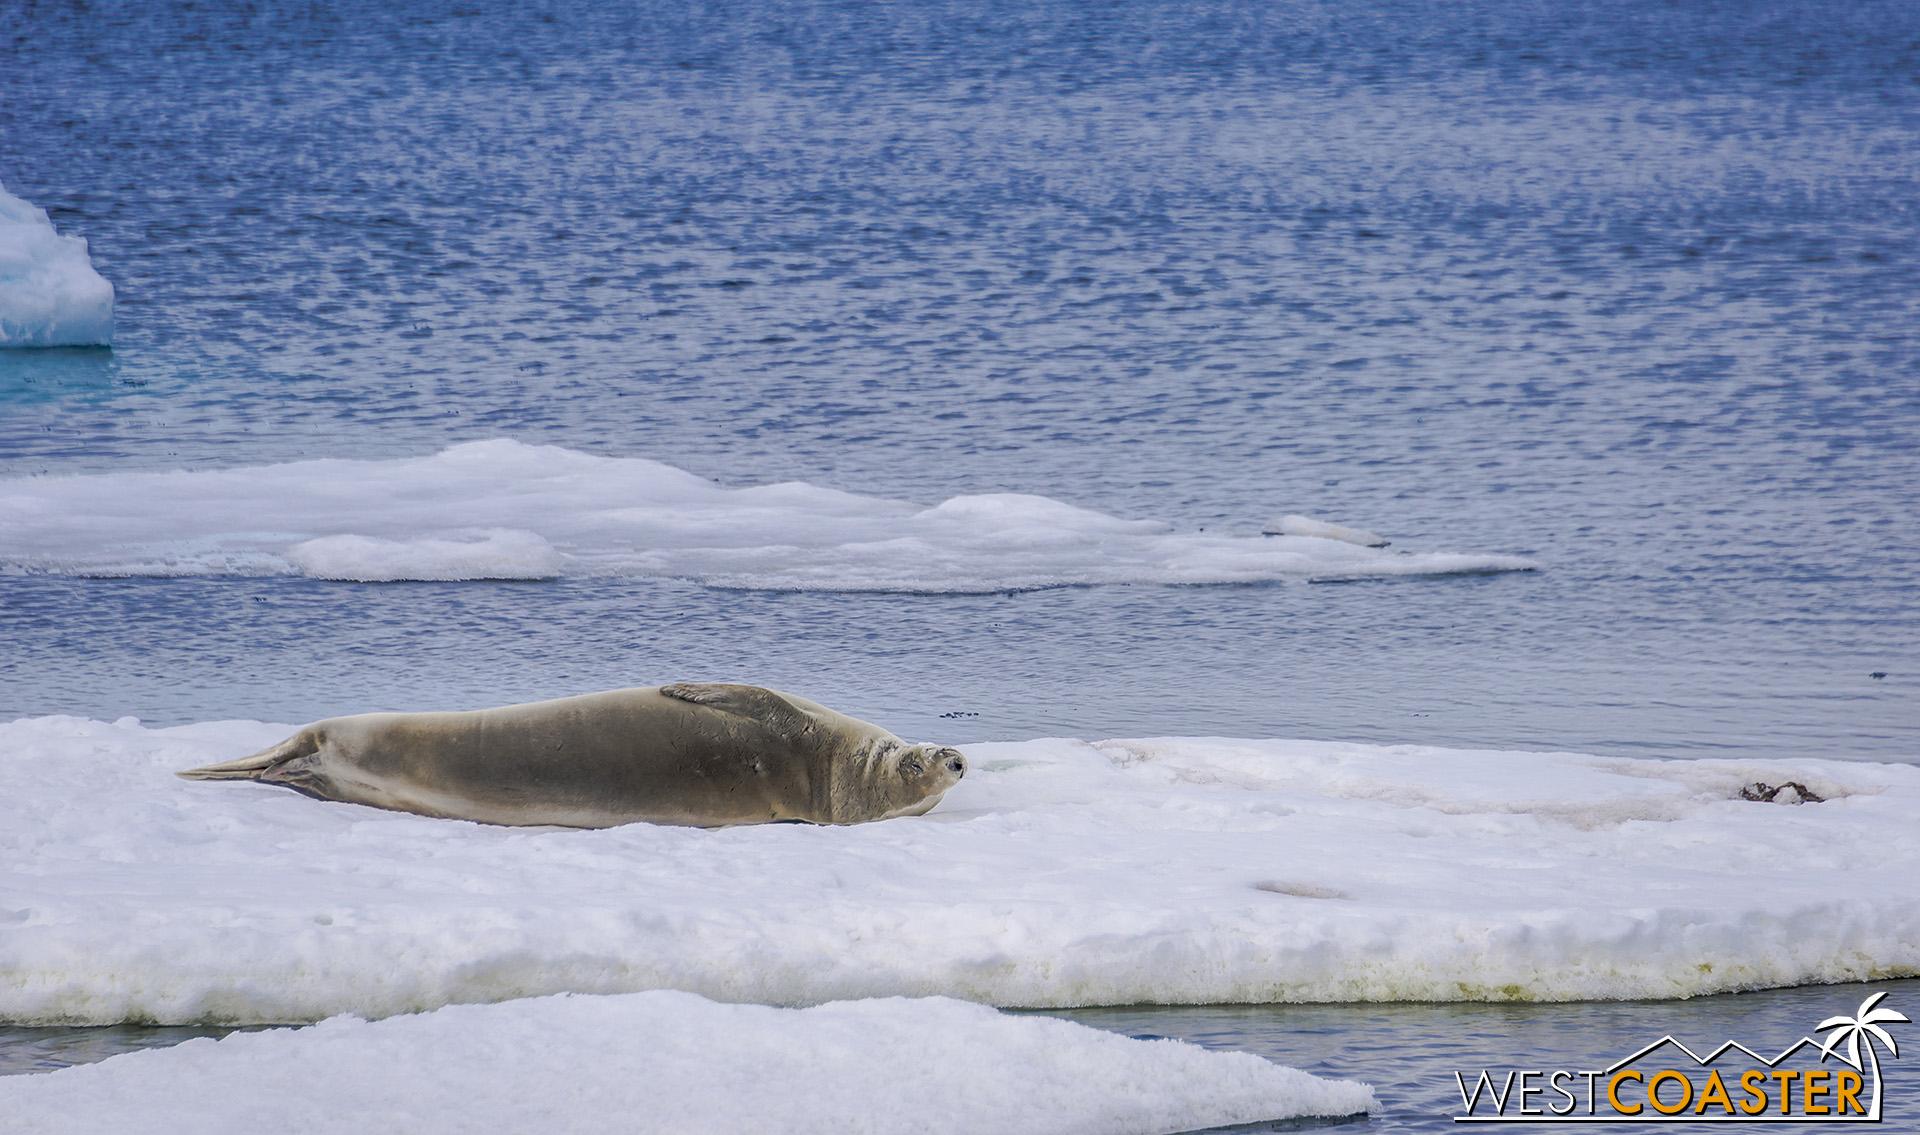 Antarctica-19_0103-0031.jpg